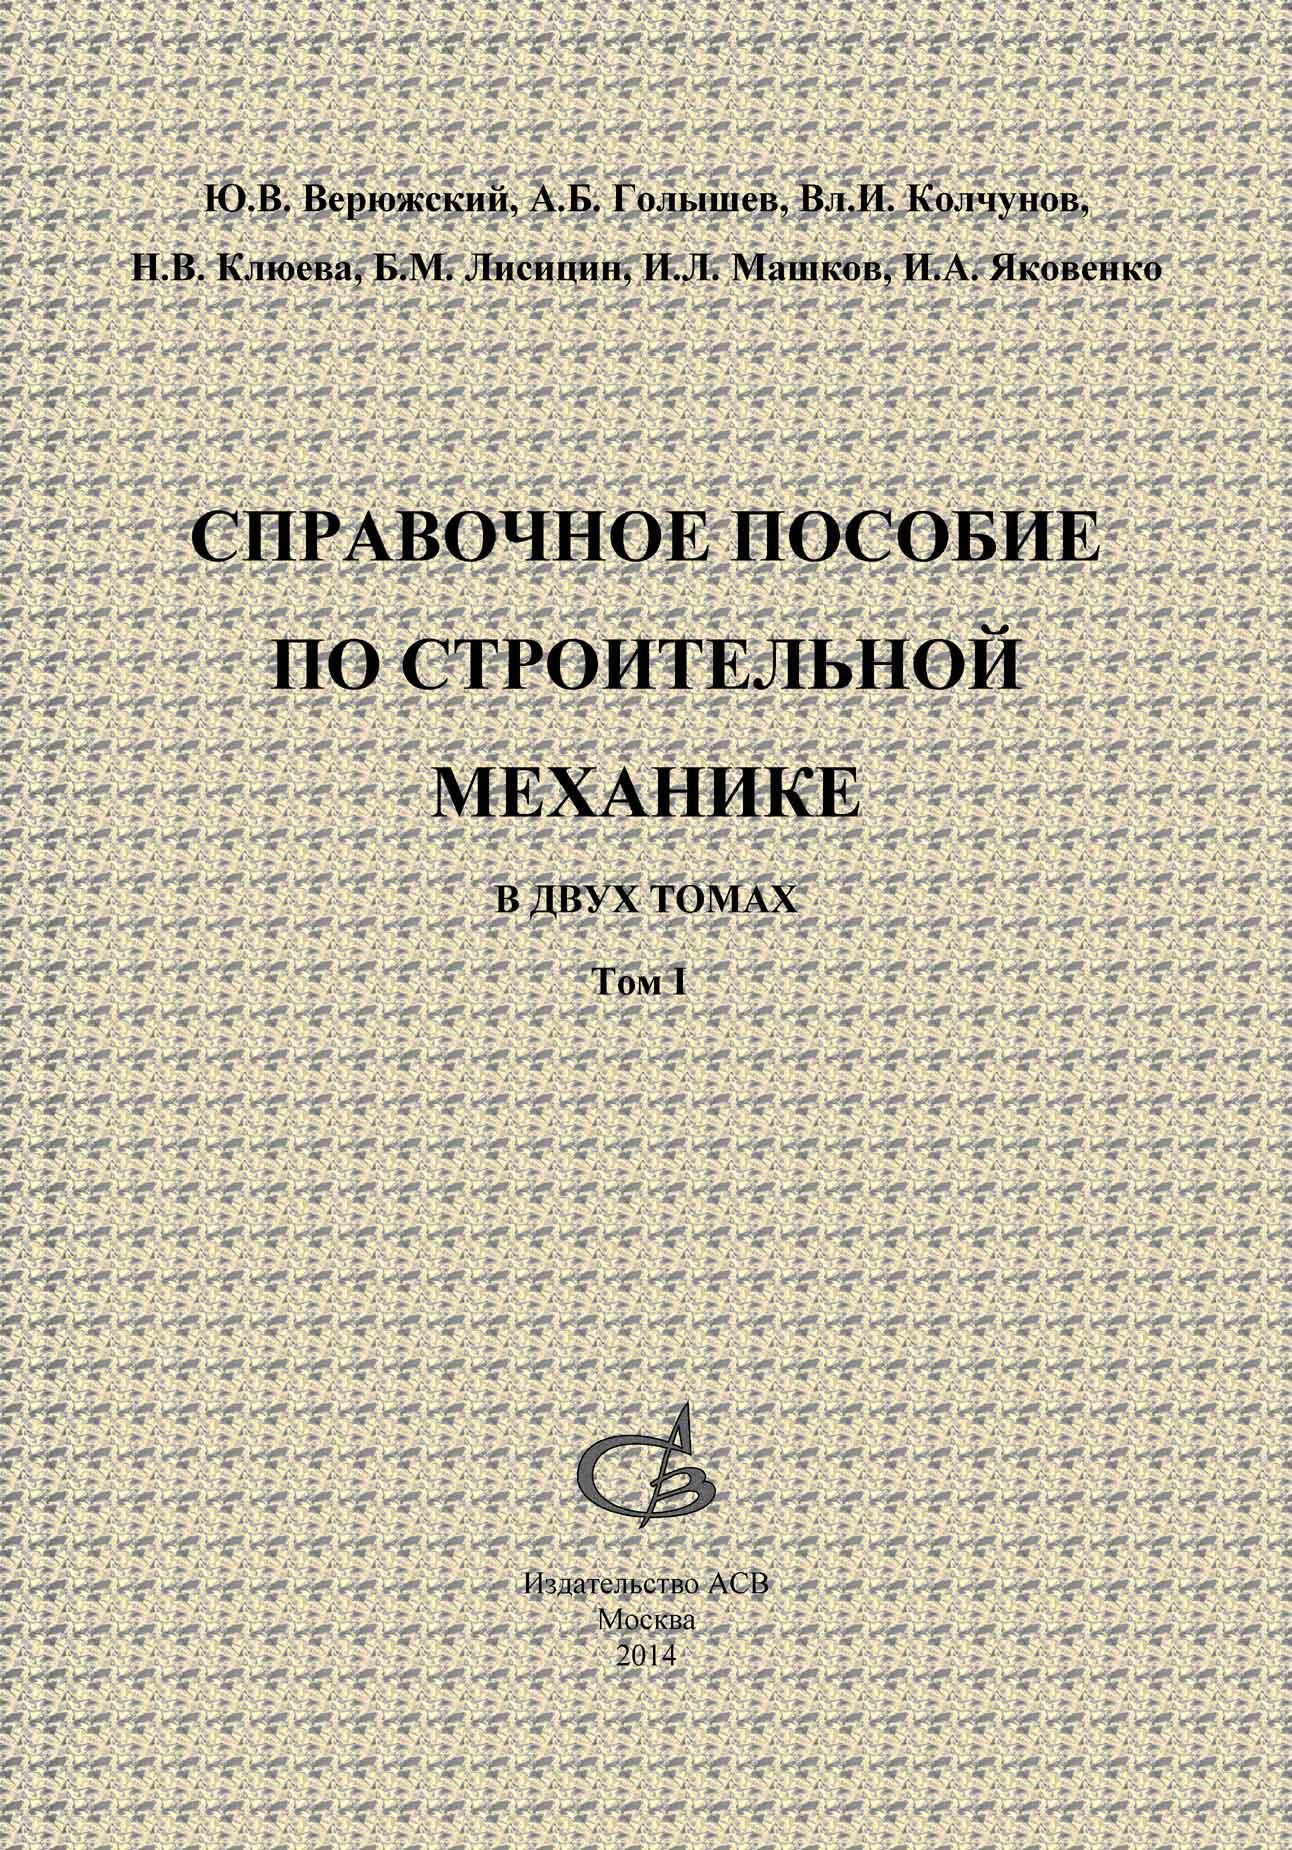 Б. М. Лисицин Справочное пособие по строительной механике. Том 1